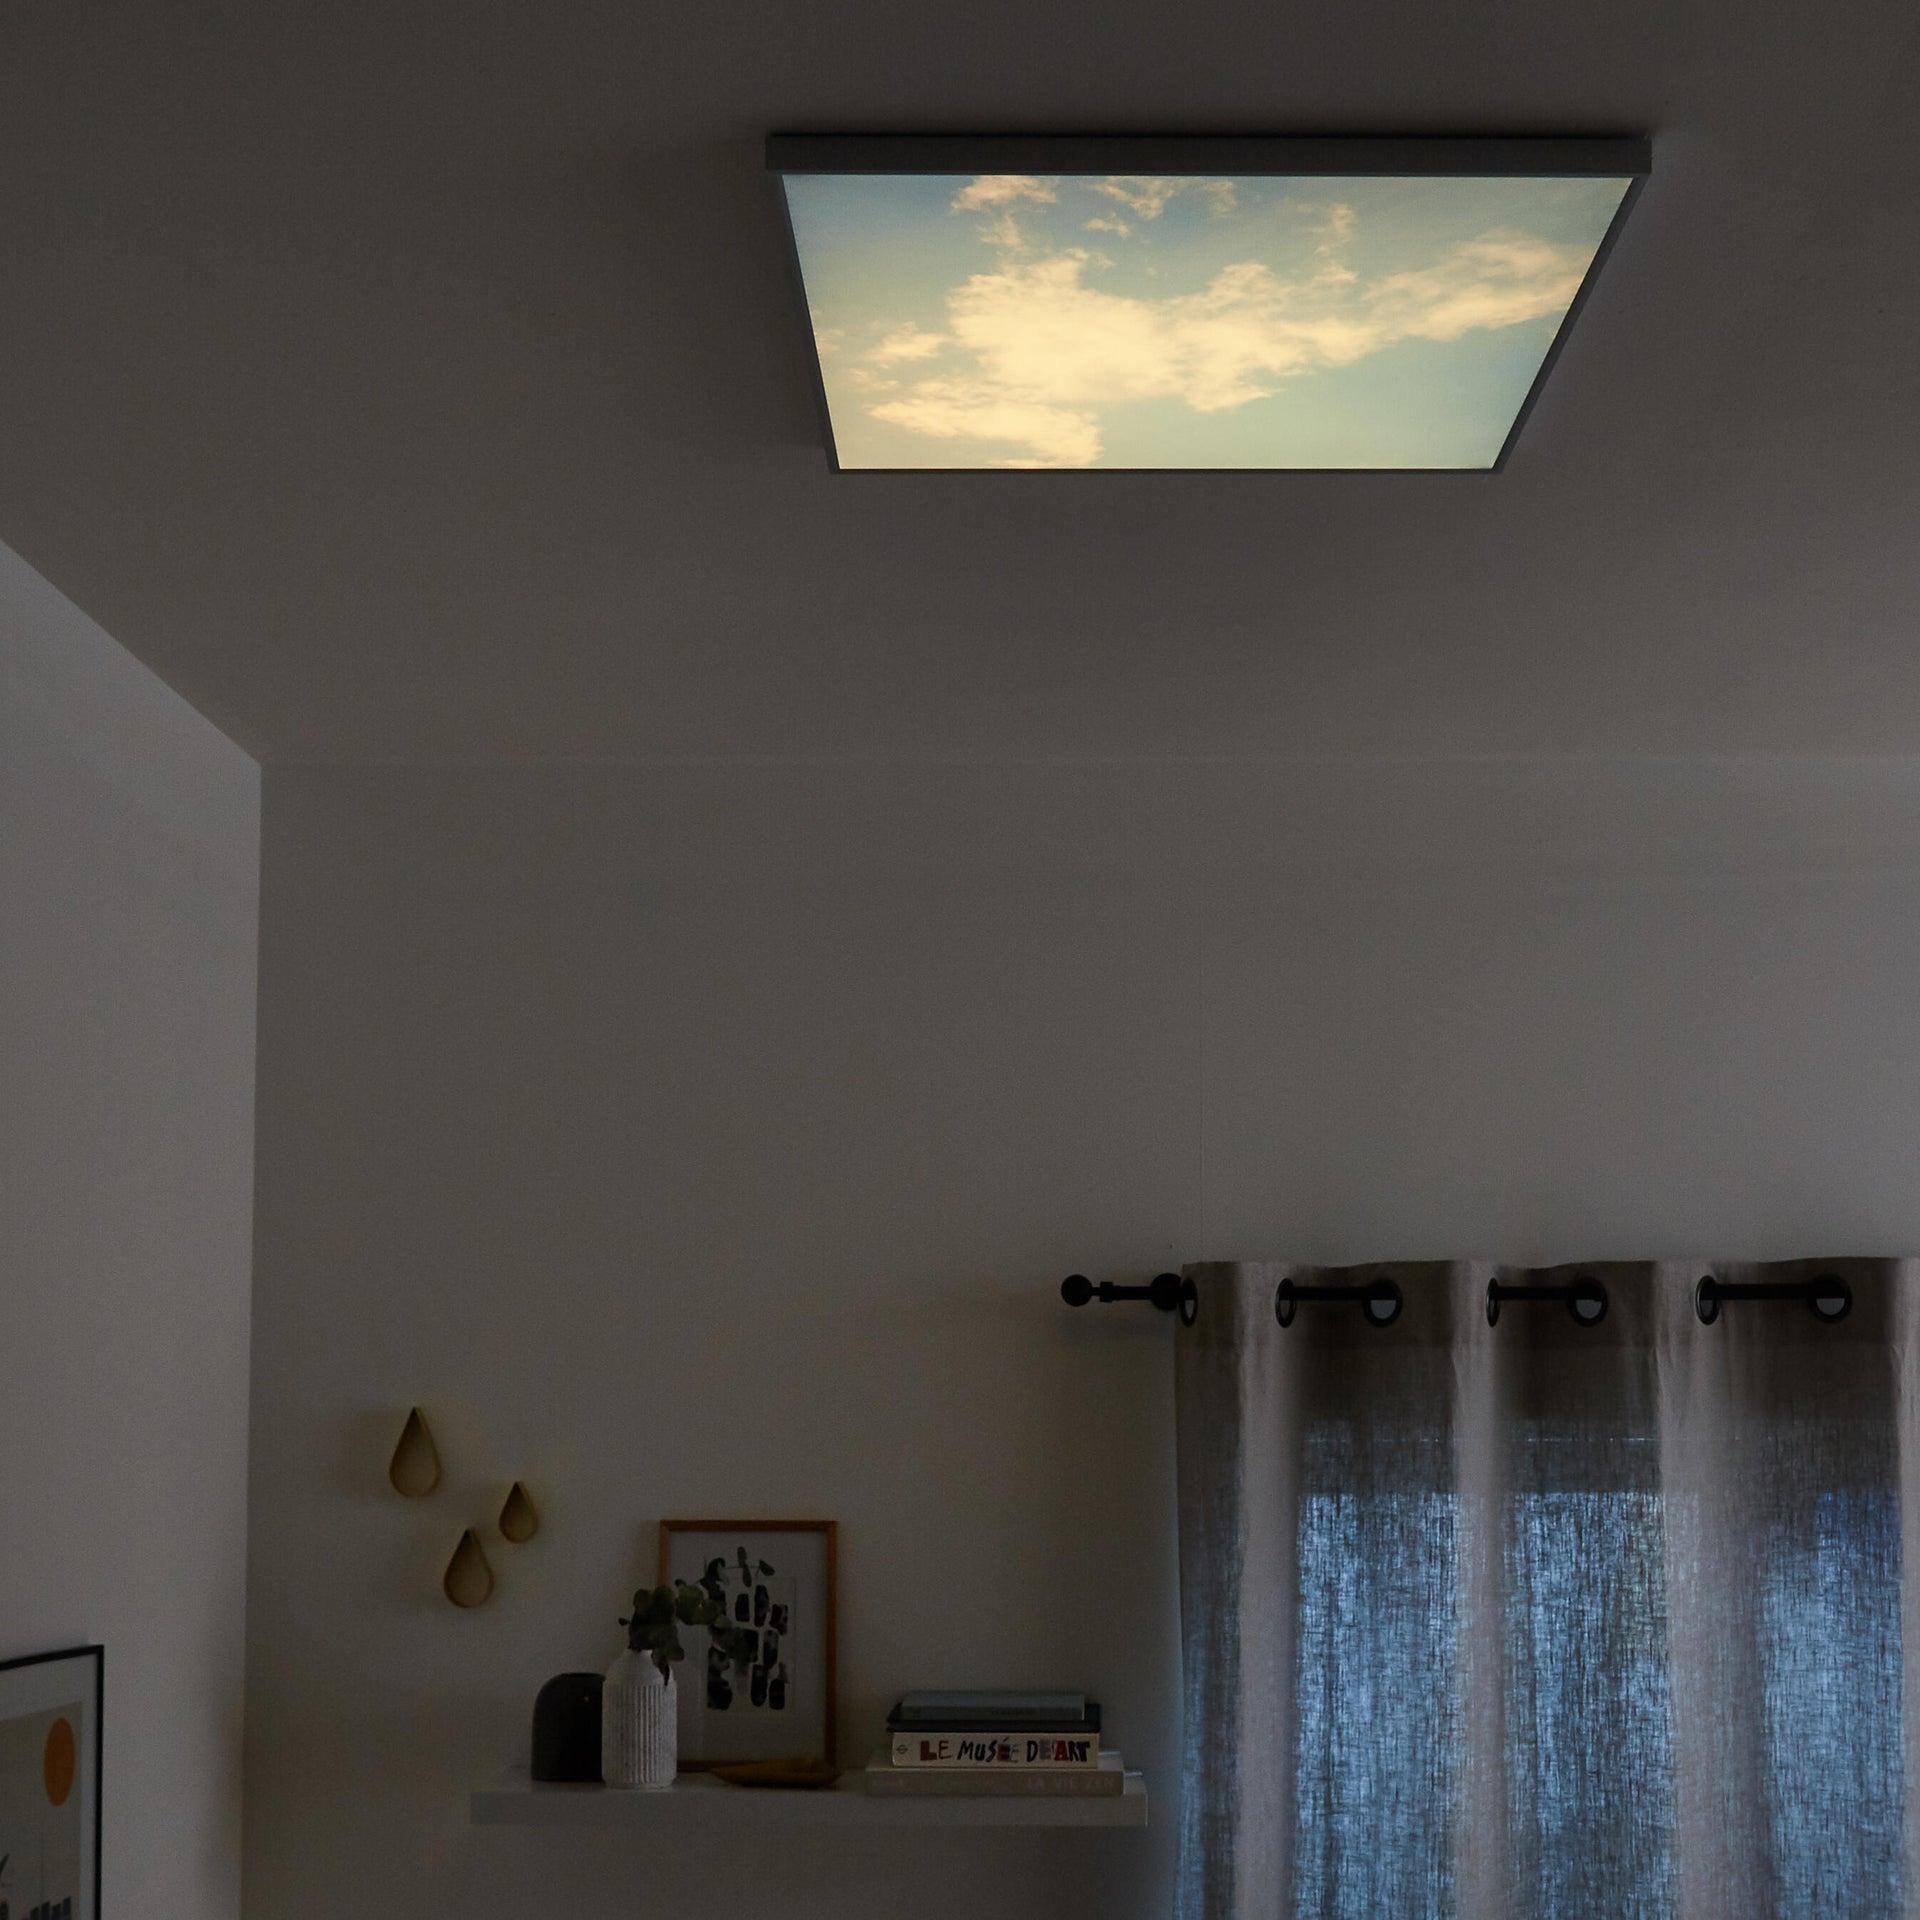 Pannello led Sky 60x60 cm cct regolazione da bianco caldo a bianco freddo, INSPIRE - 5